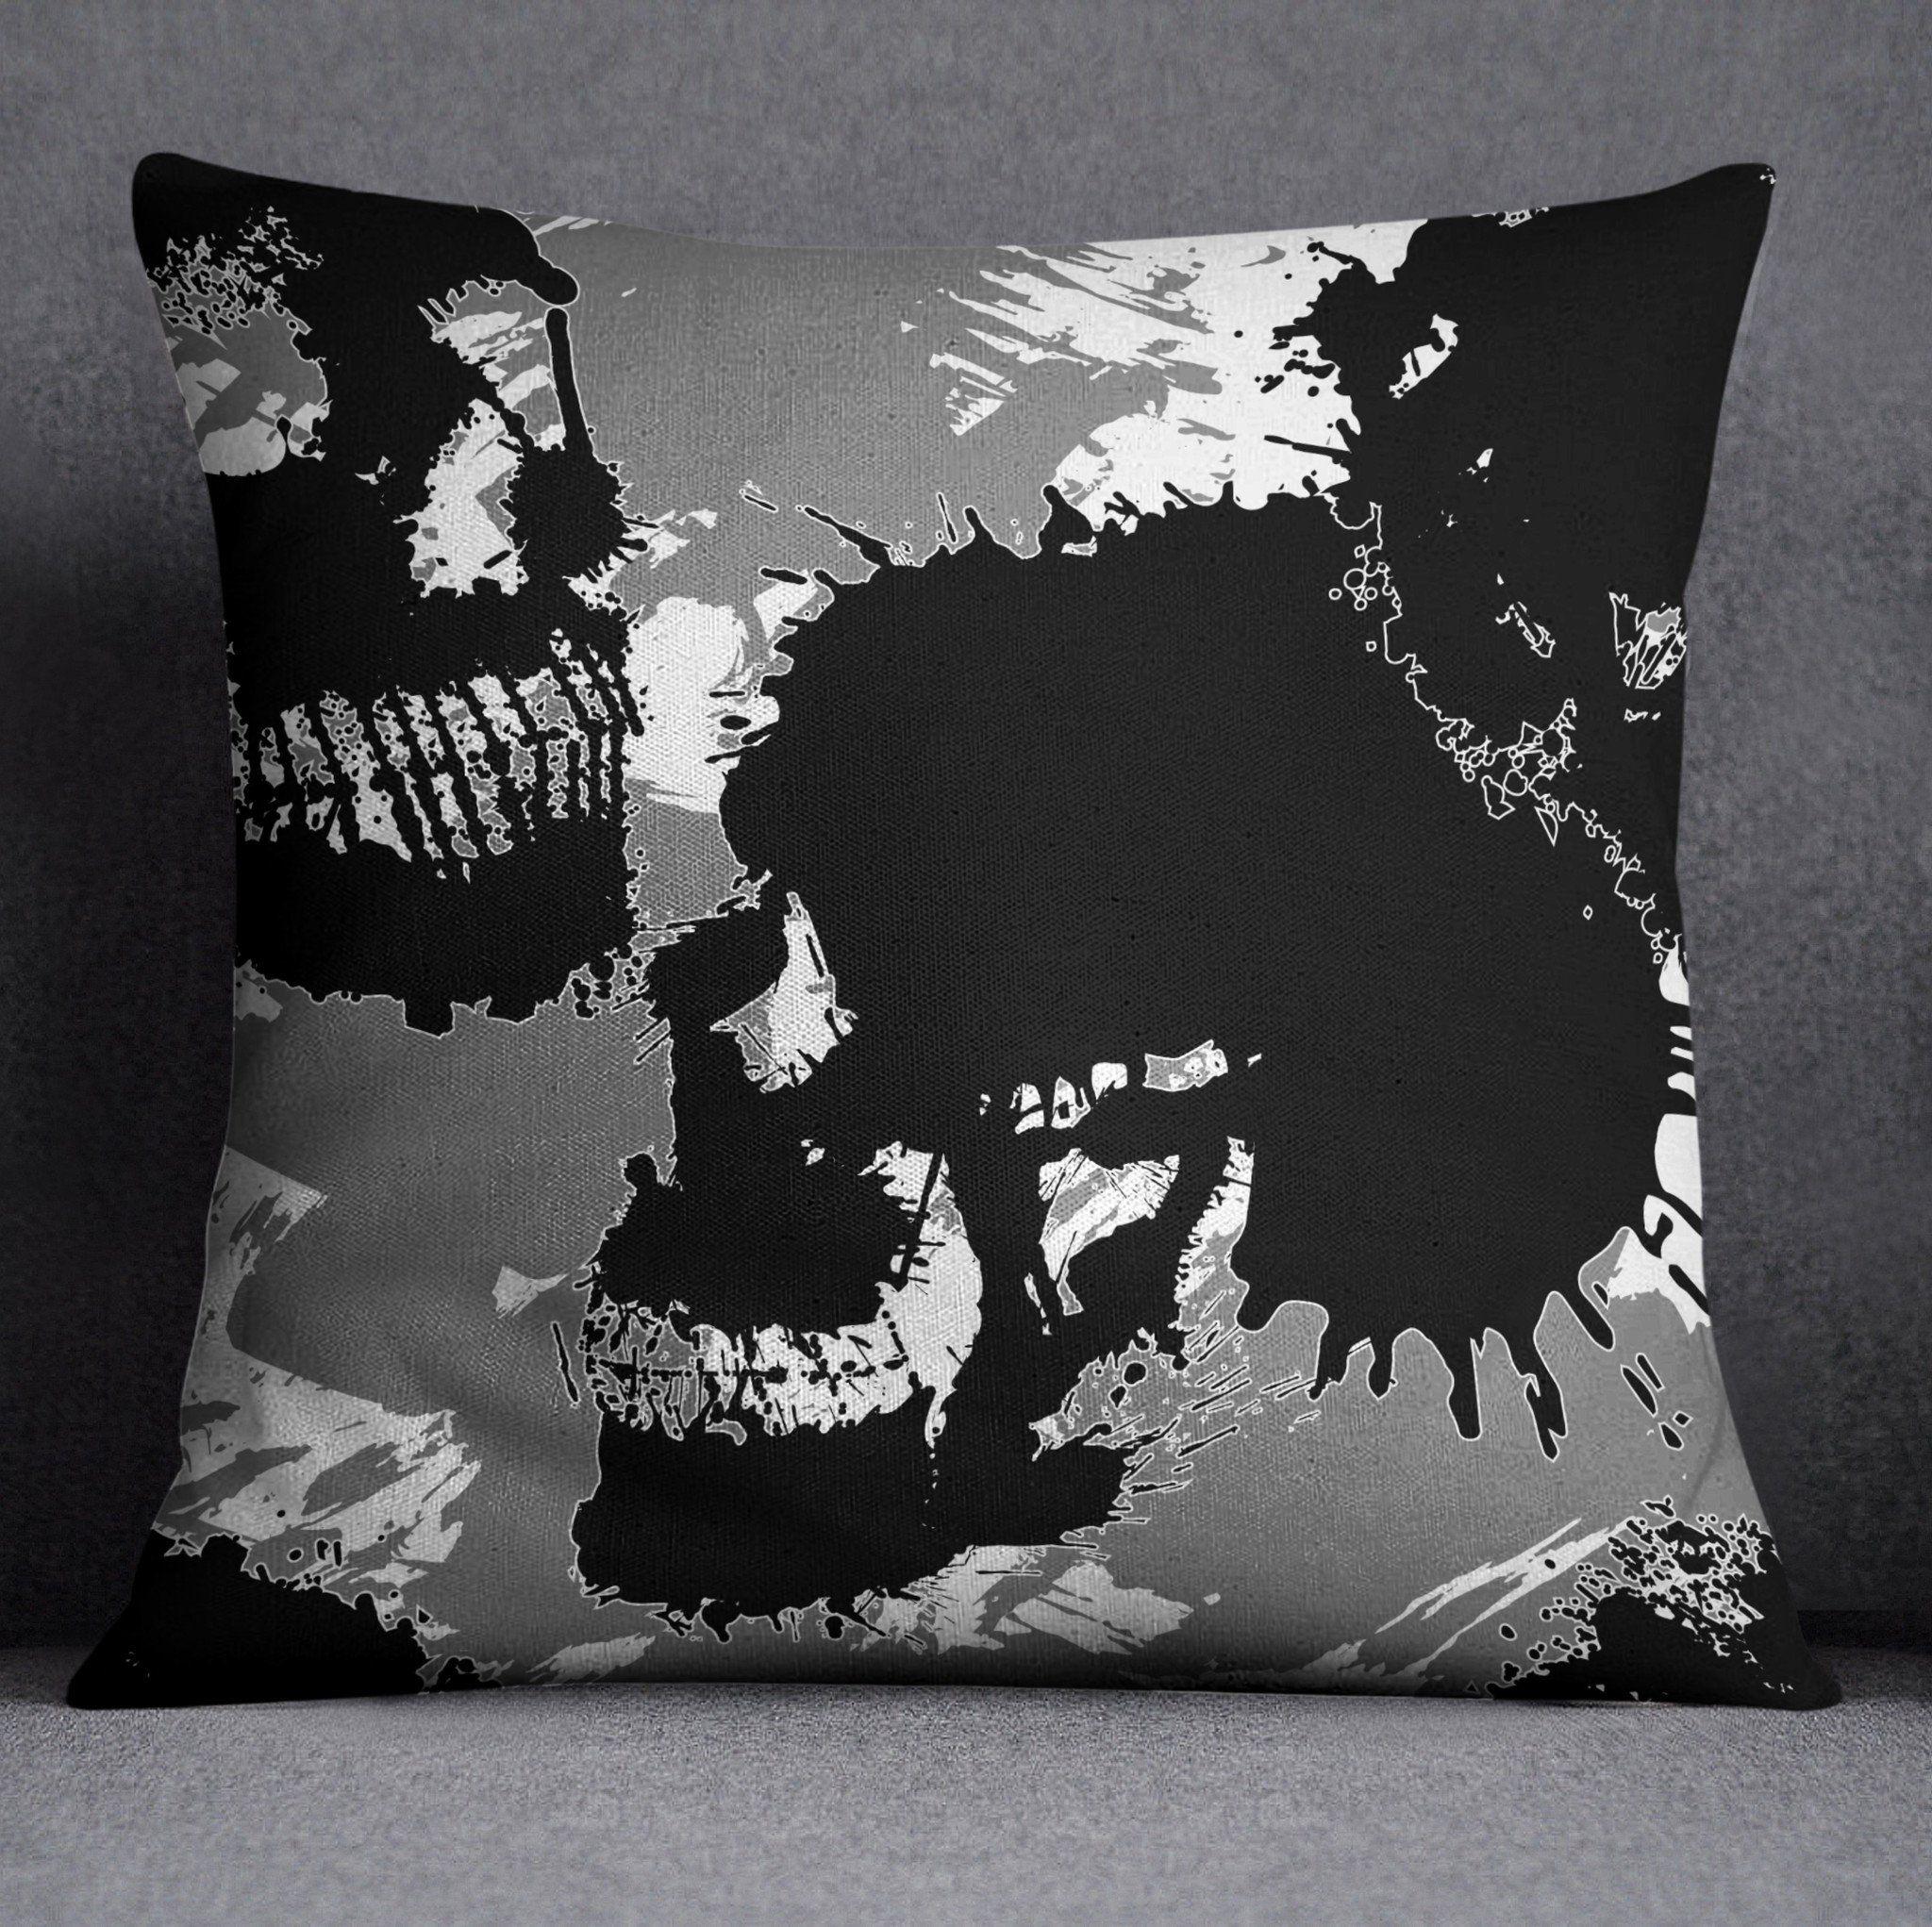 Grey White and Black Ink Spill Skull Bedding Soft